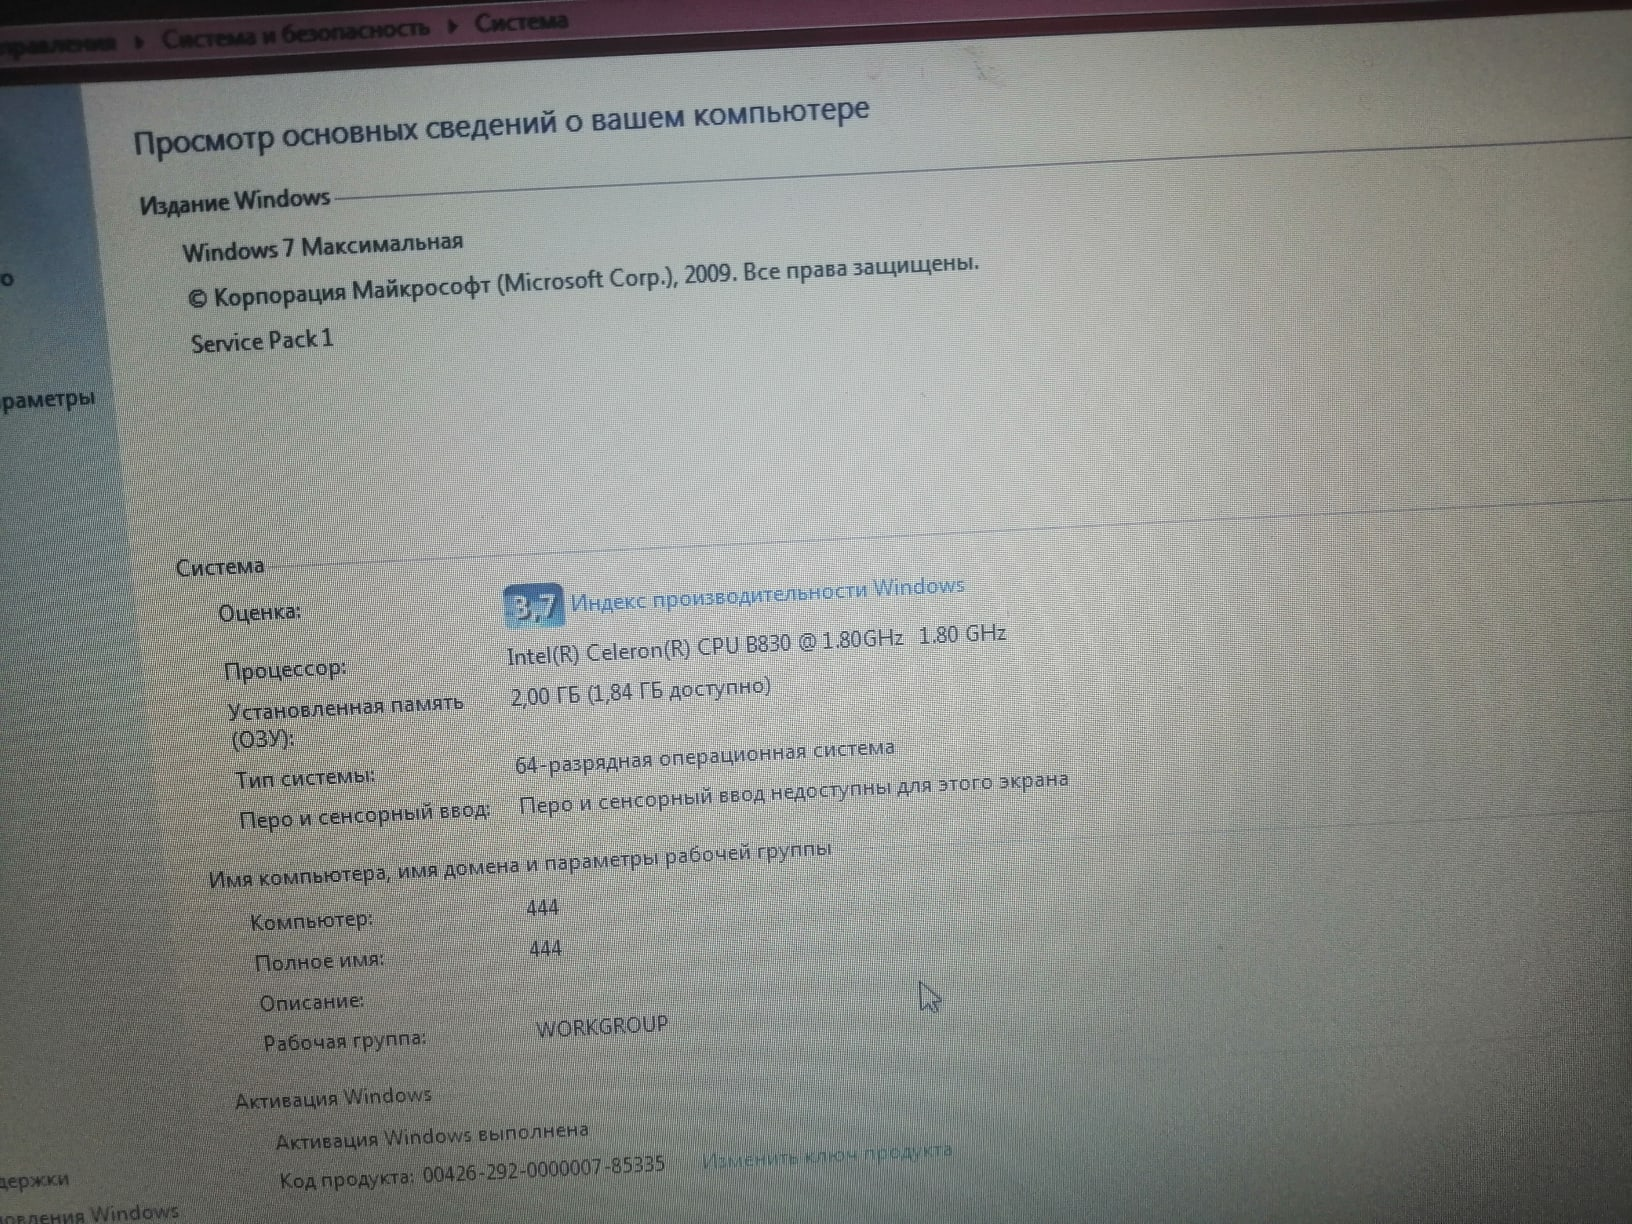 Купить ноутбук срочно в хорошем | Объявления Орска и Новотроицка №4463